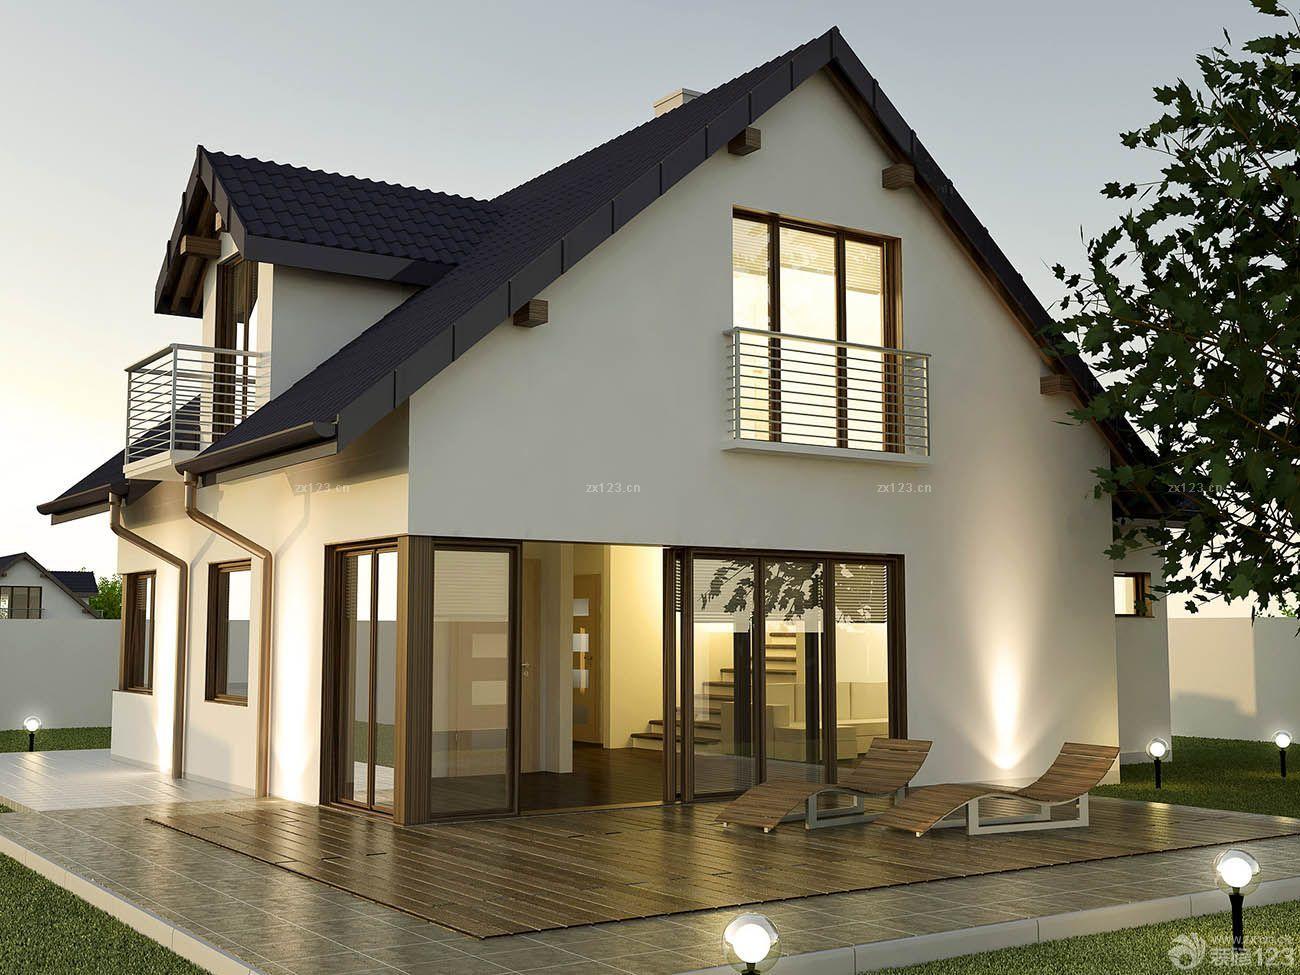 现代中式风格独栋别墅外观设计图片欣赏2015